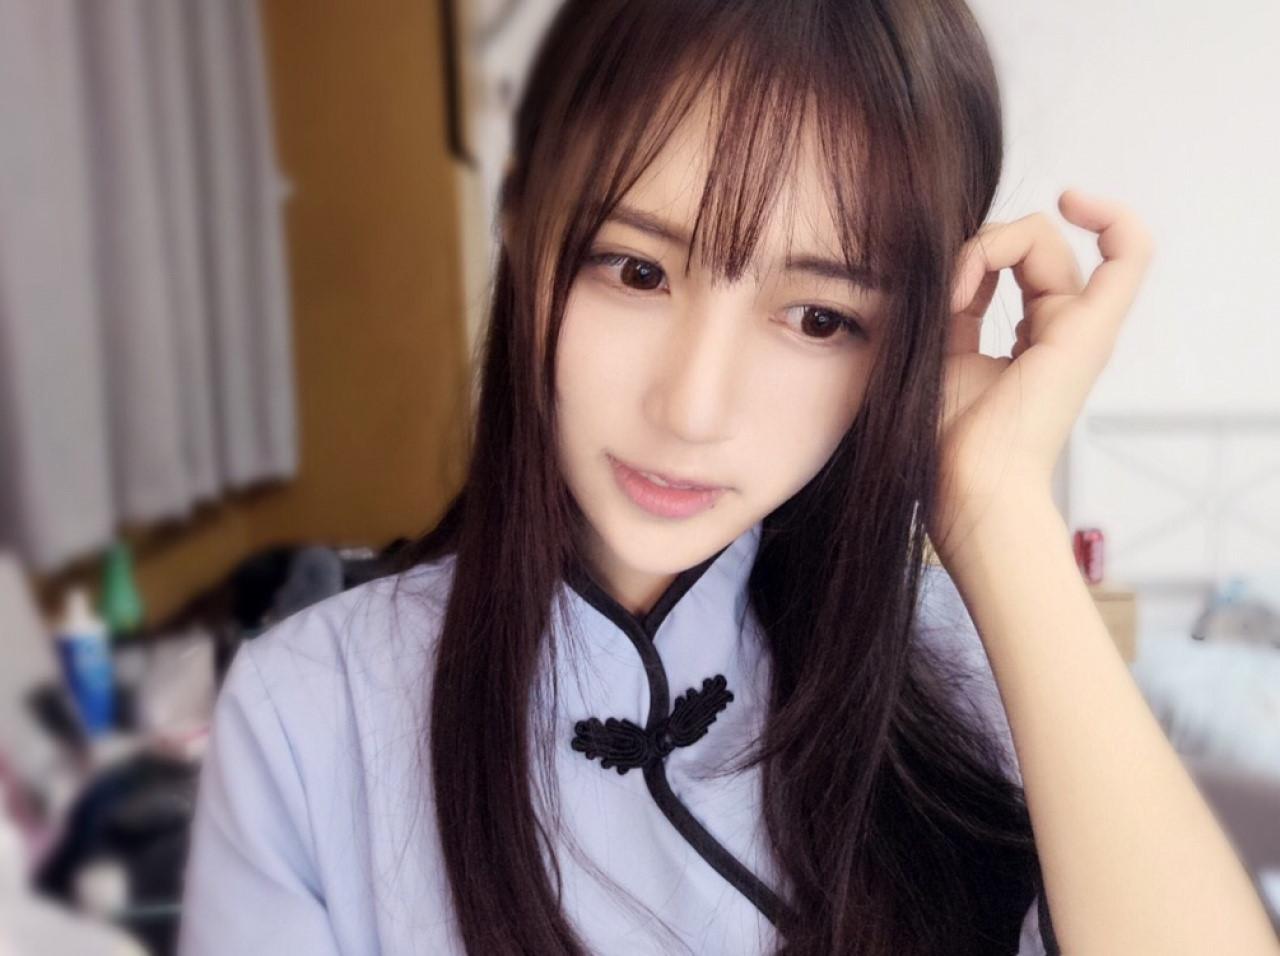 MC xinh đẹp Trung Quốc bị tố đánh bạn trai đến gãy mũi